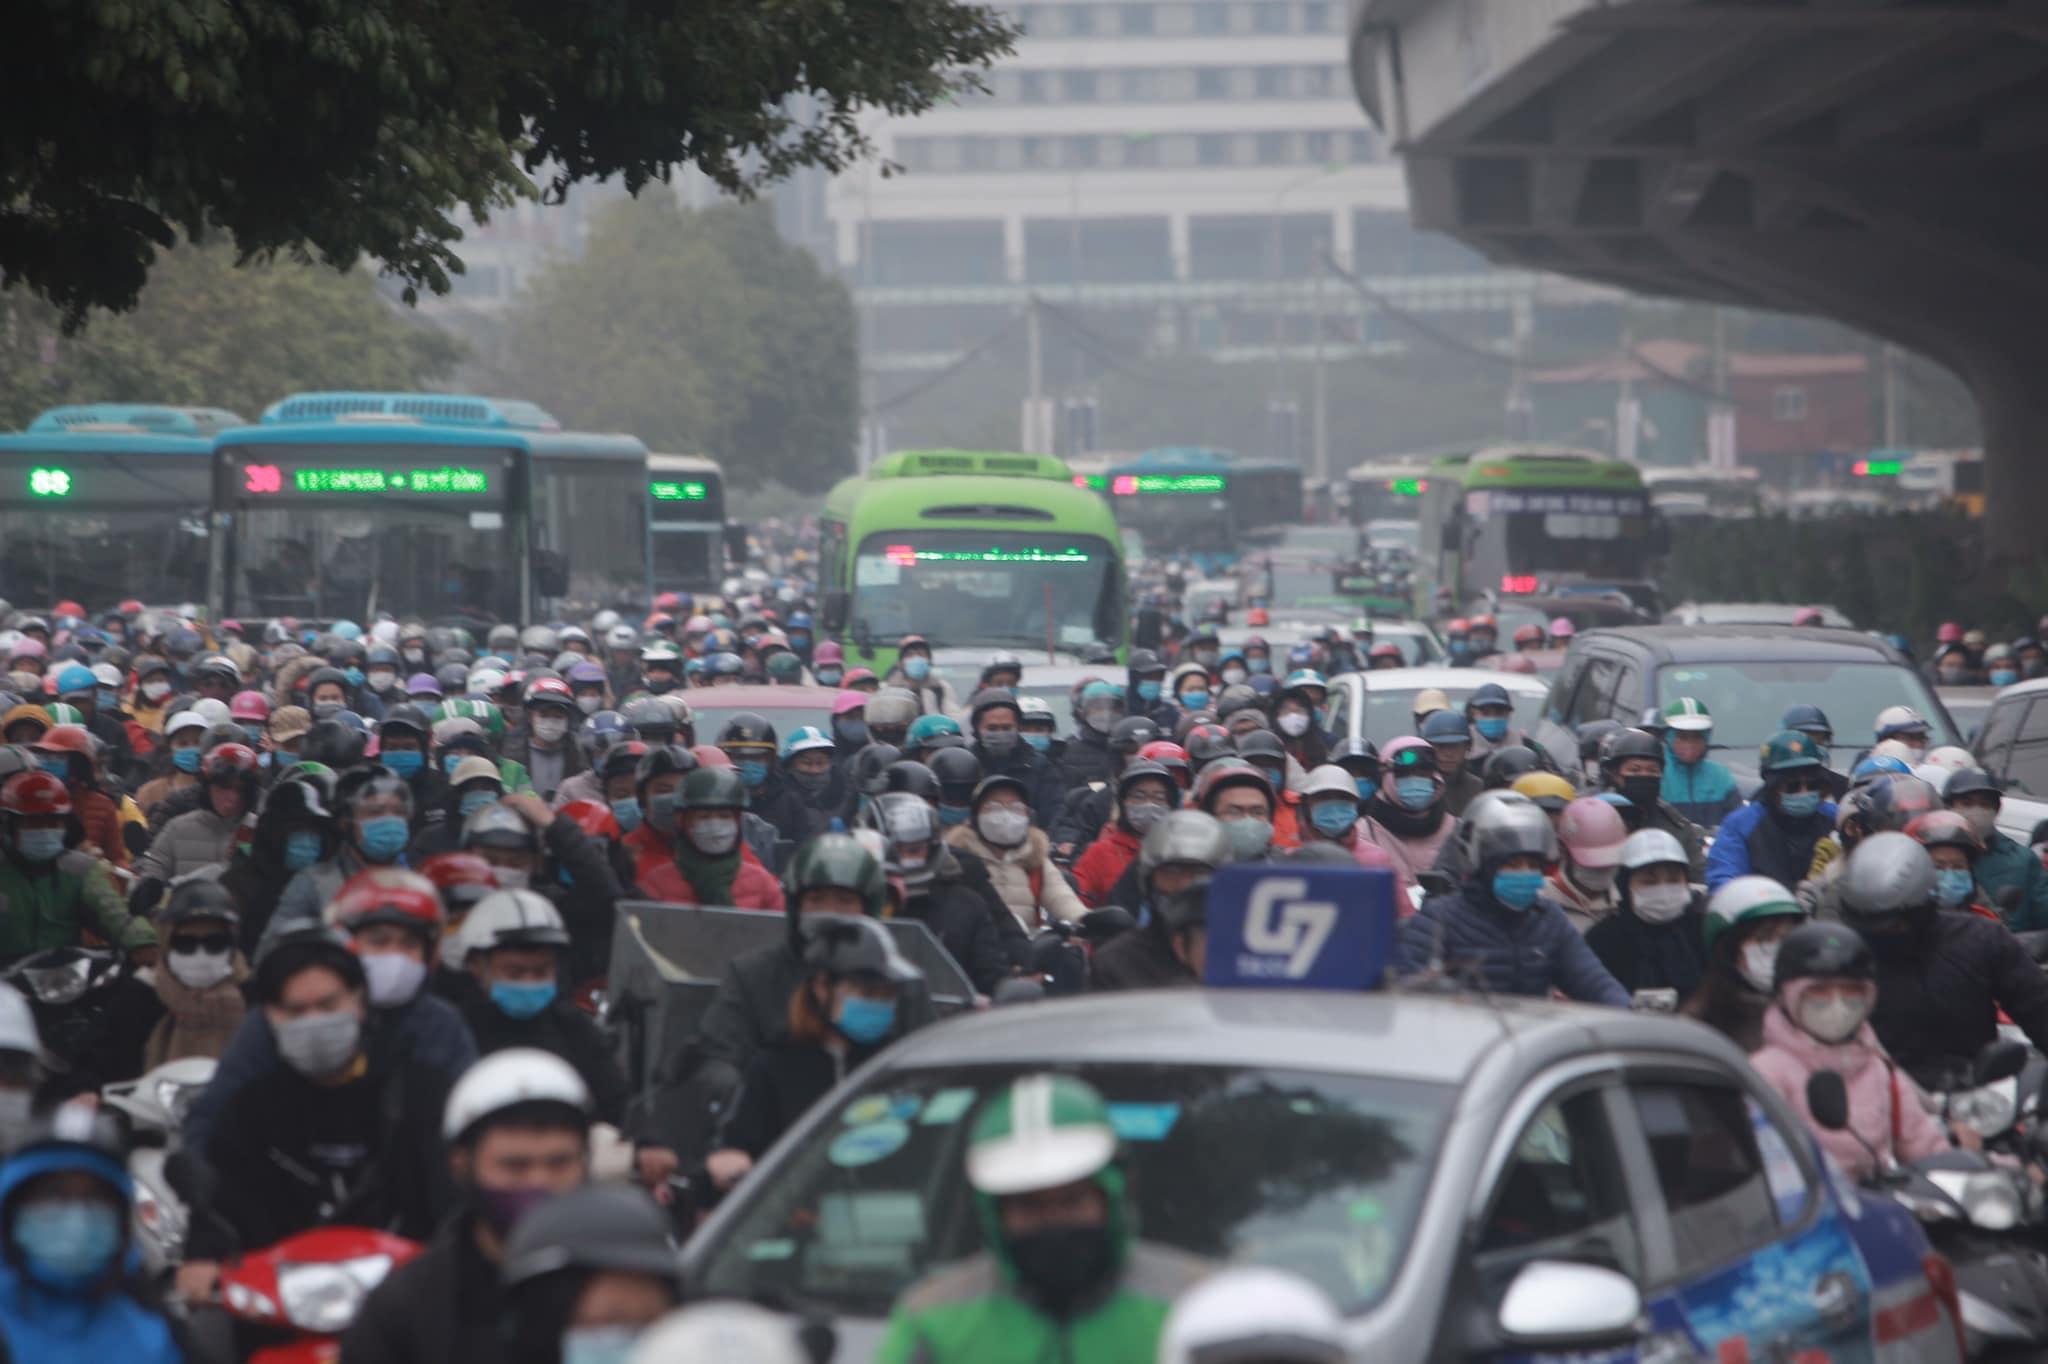 Hà Nội ùn tắc kinh hoàng trên đường Phạm Hùng - 8